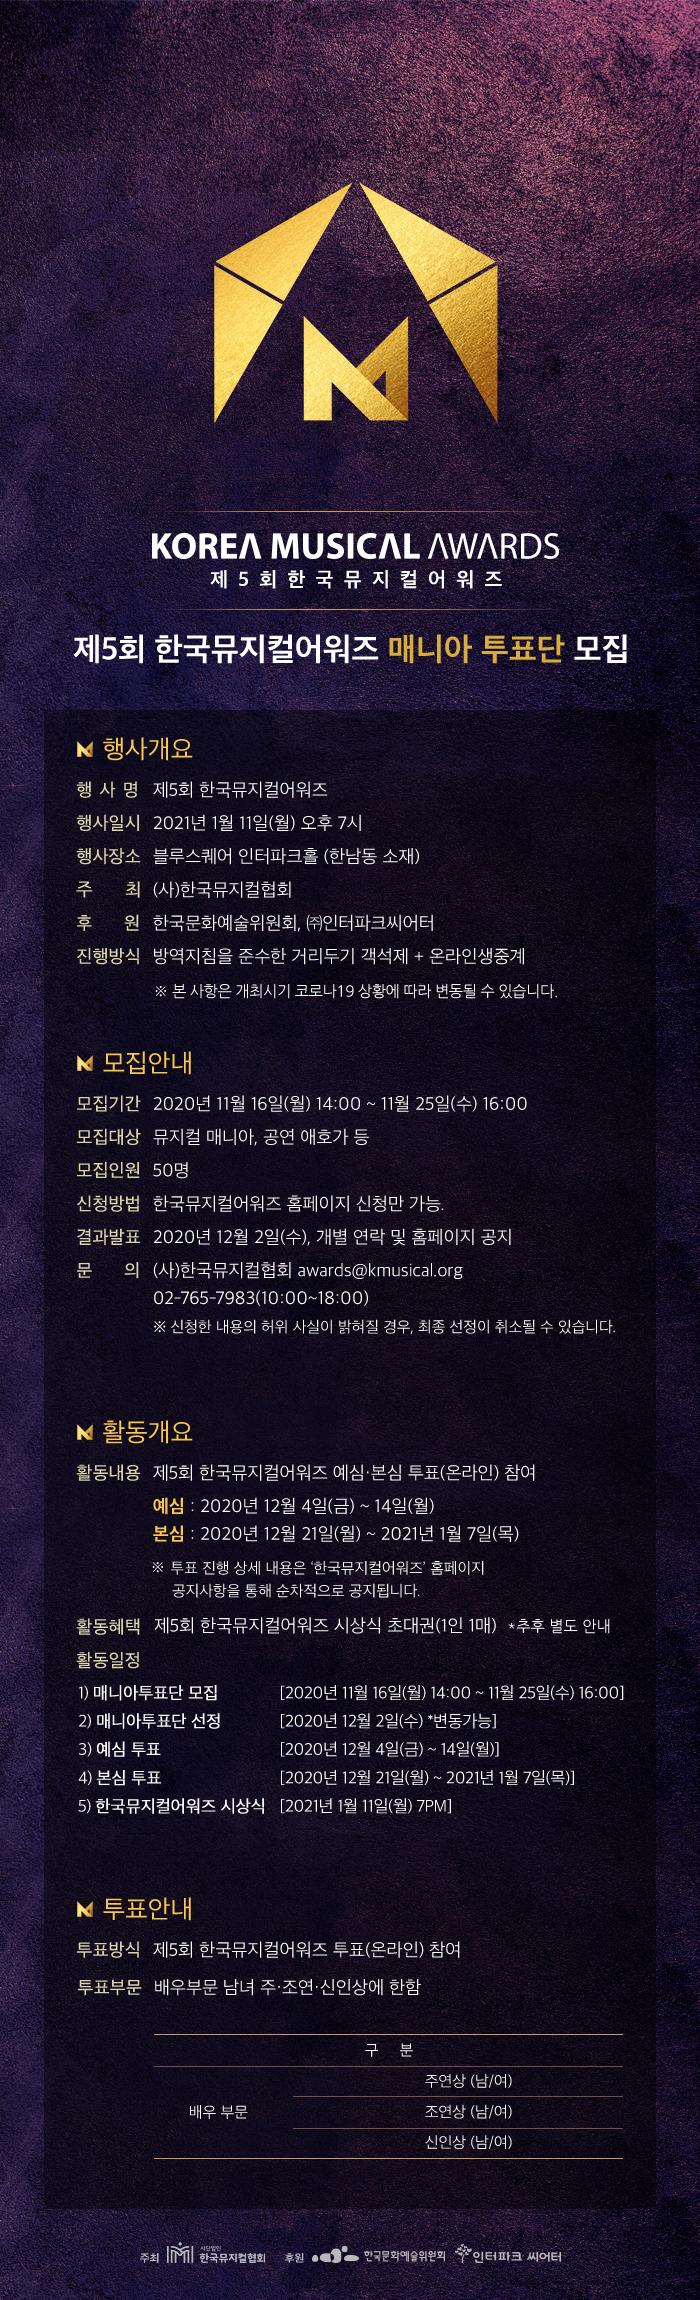 제5회매니아단투표웹이미지_fi